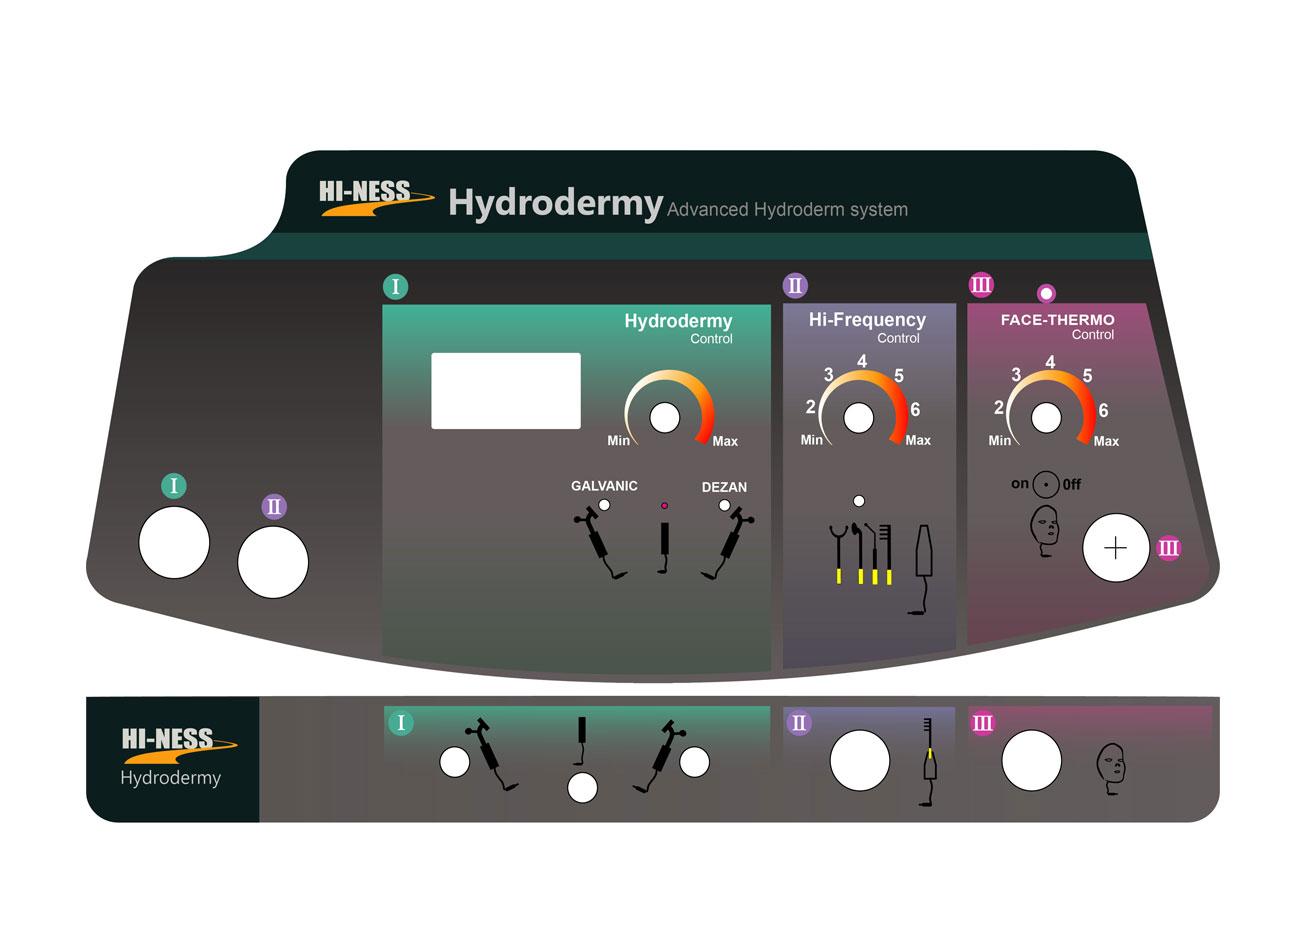 طراحی اینترفیس تجهیزات پزشکی